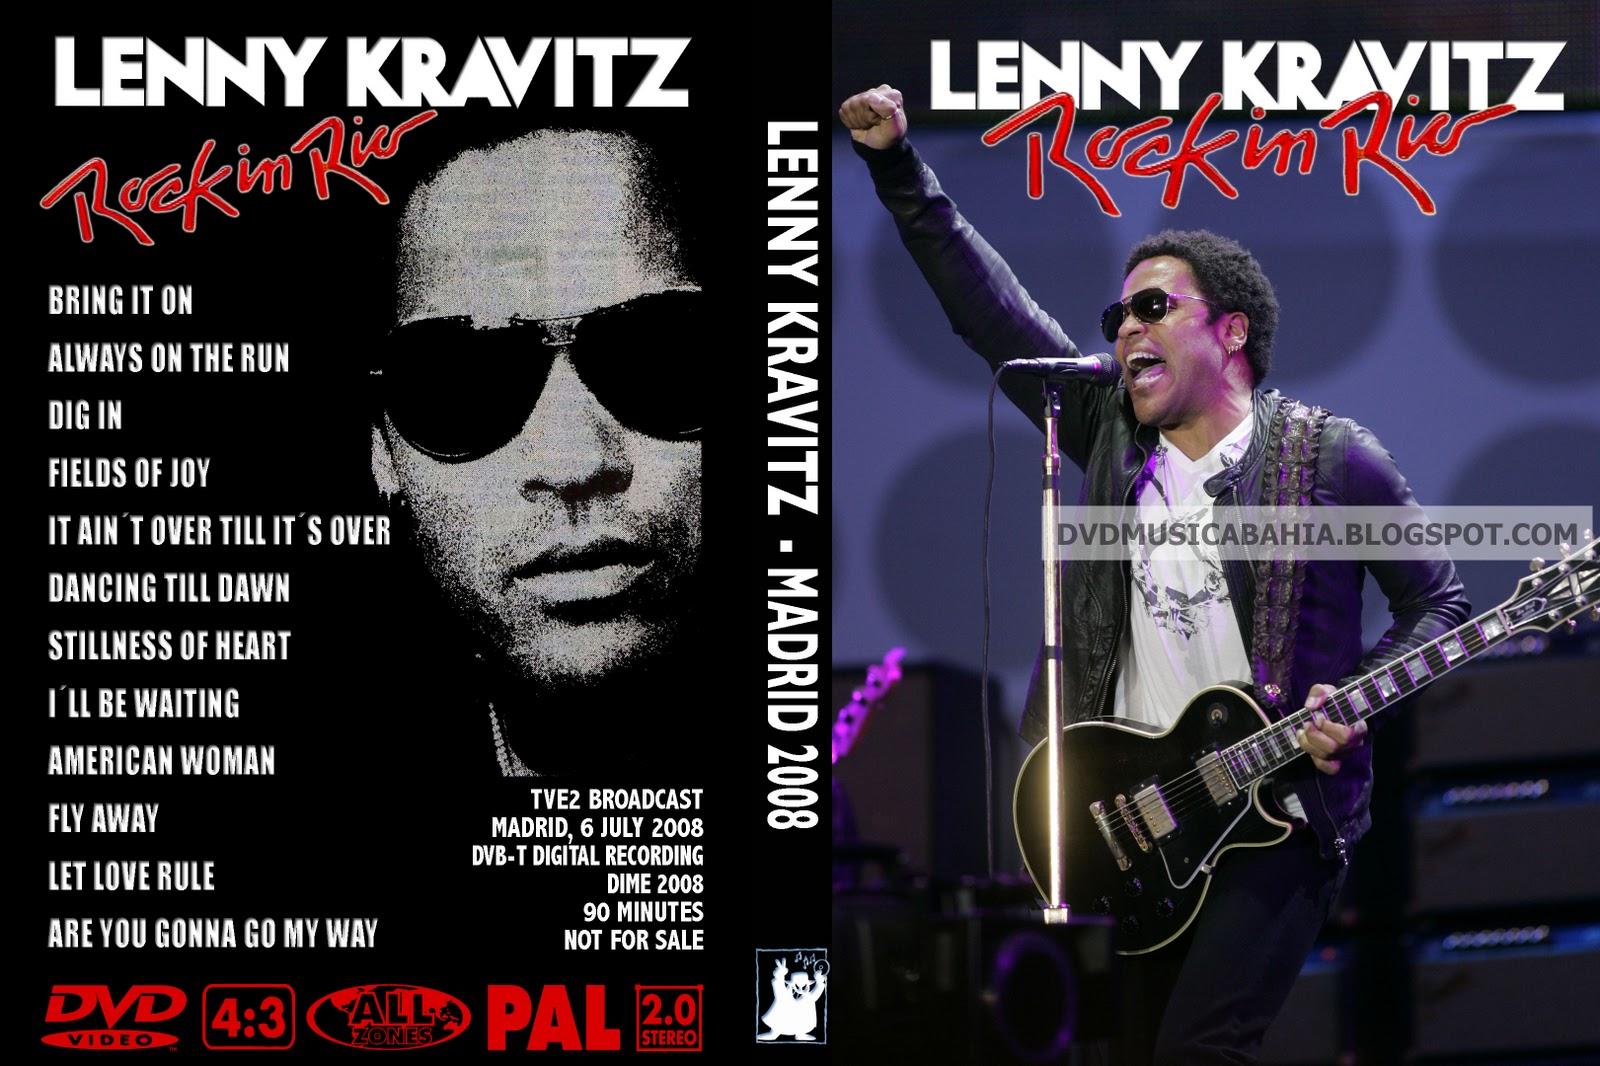 http://2.bp.blogspot.com/-3jFKmzxsS08/Tq7id-SGFPI/AAAAAAAAB10/Mu33o4ehVrQ/s1600/LENNY+KRAVITZ+-+ROCK+IN+RIO+2008.jpg